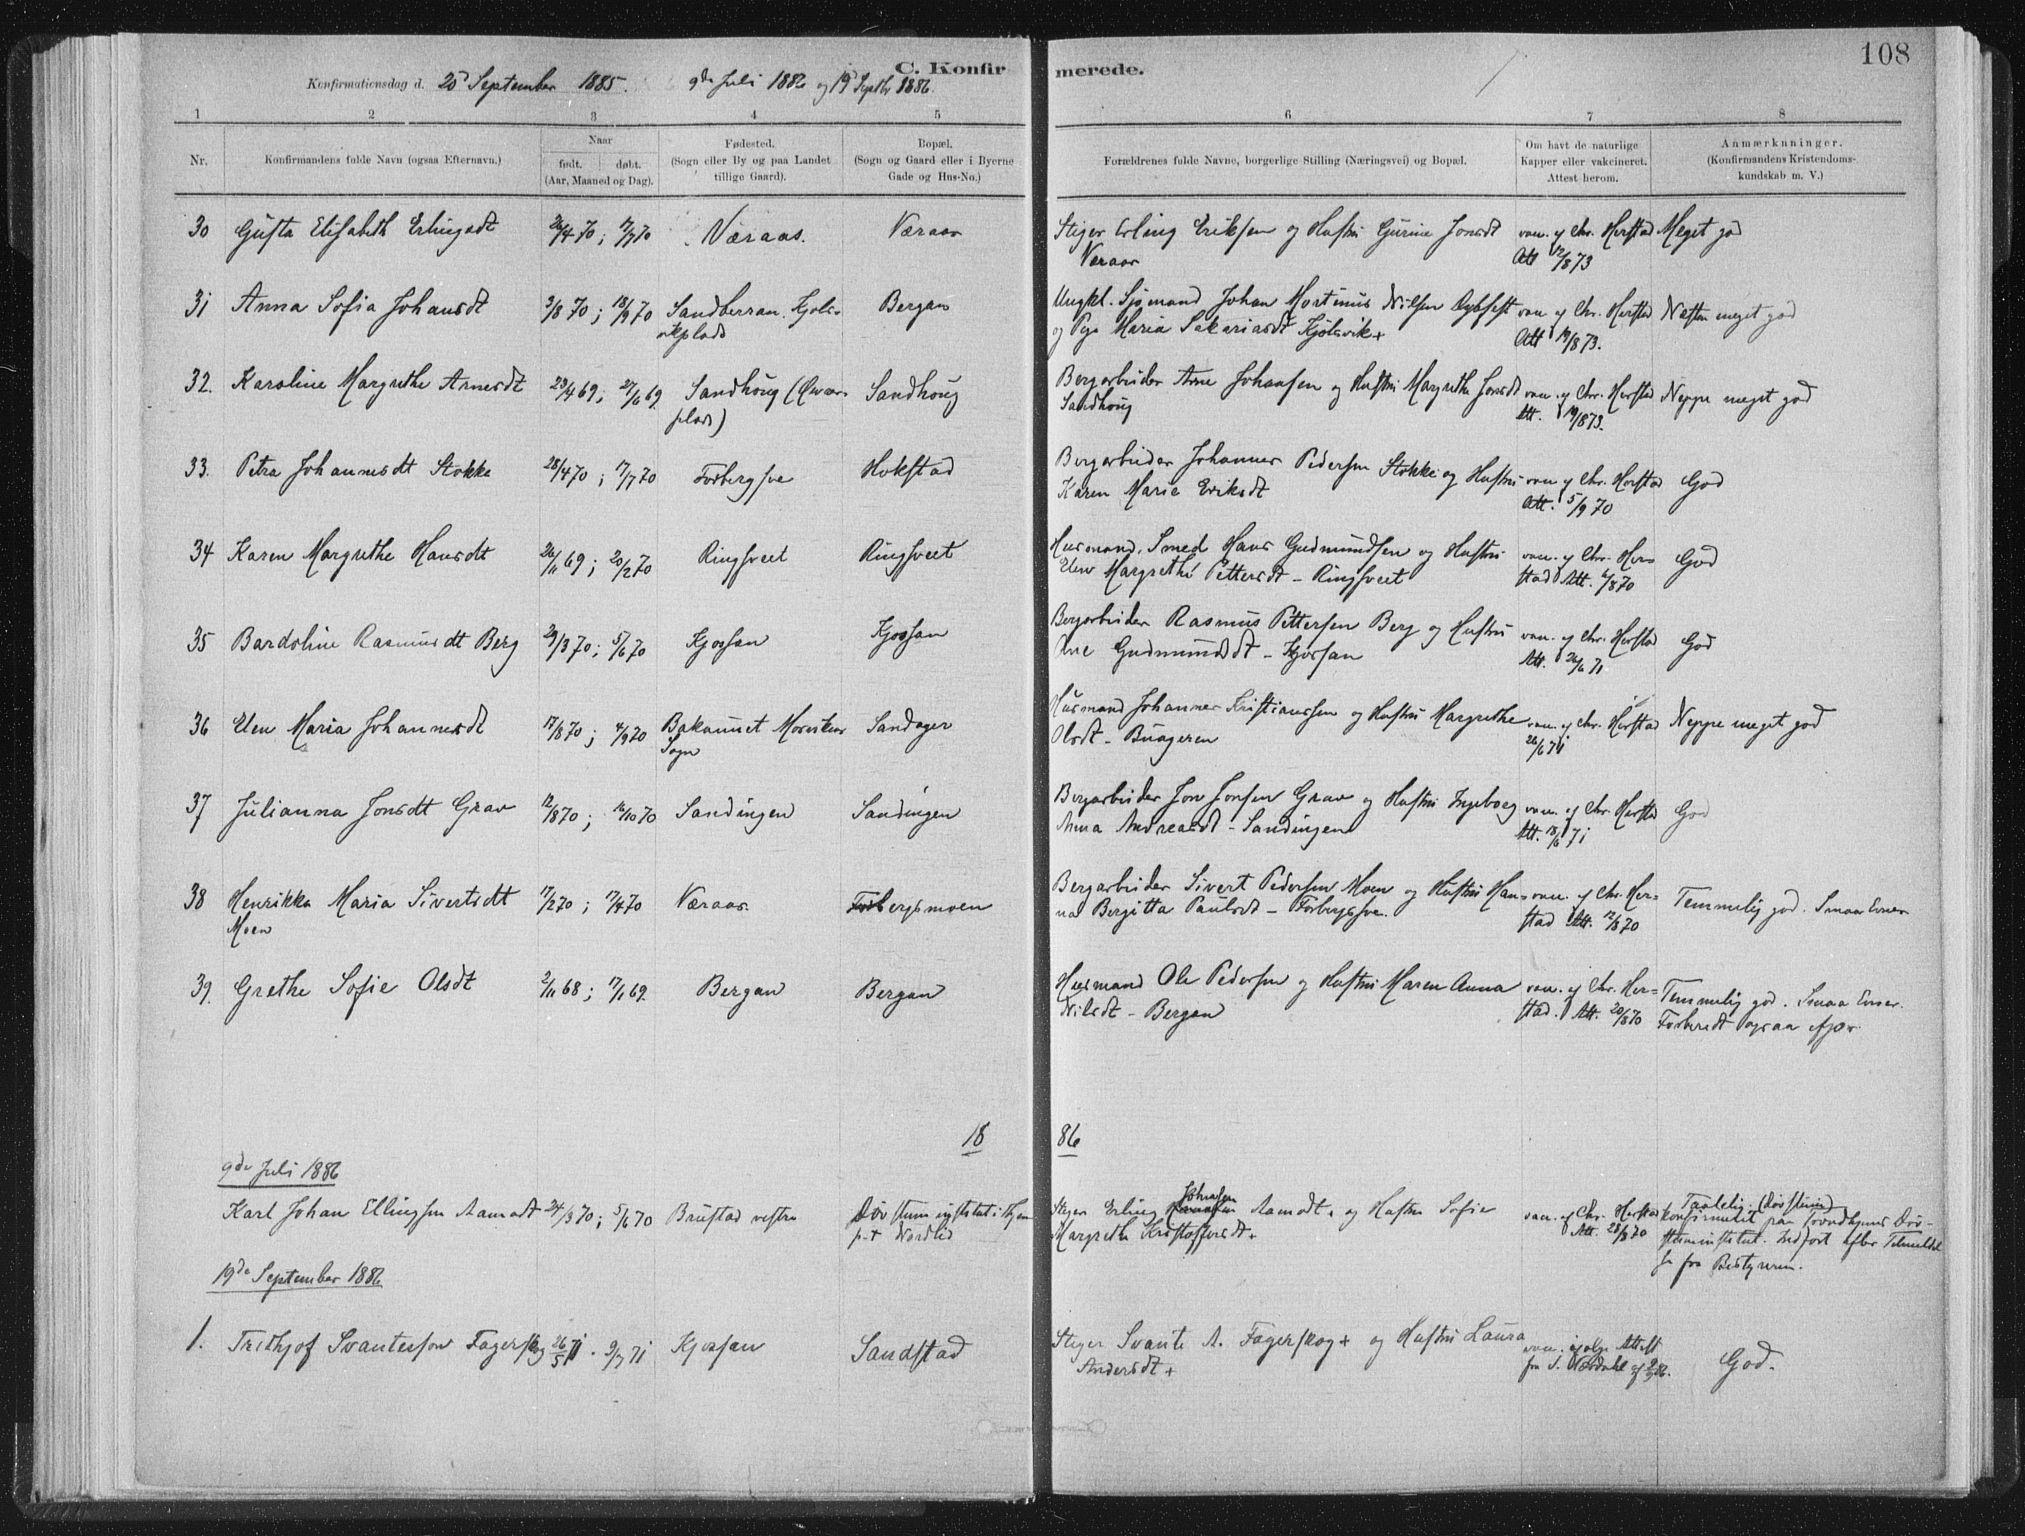 SAT, Ministerialprotokoller, klokkerbøker og fødselsregistre - Nord-Trøndelag, 722/L0220: Ministerialbok nr. 722A07, 1881-1908, s. 108